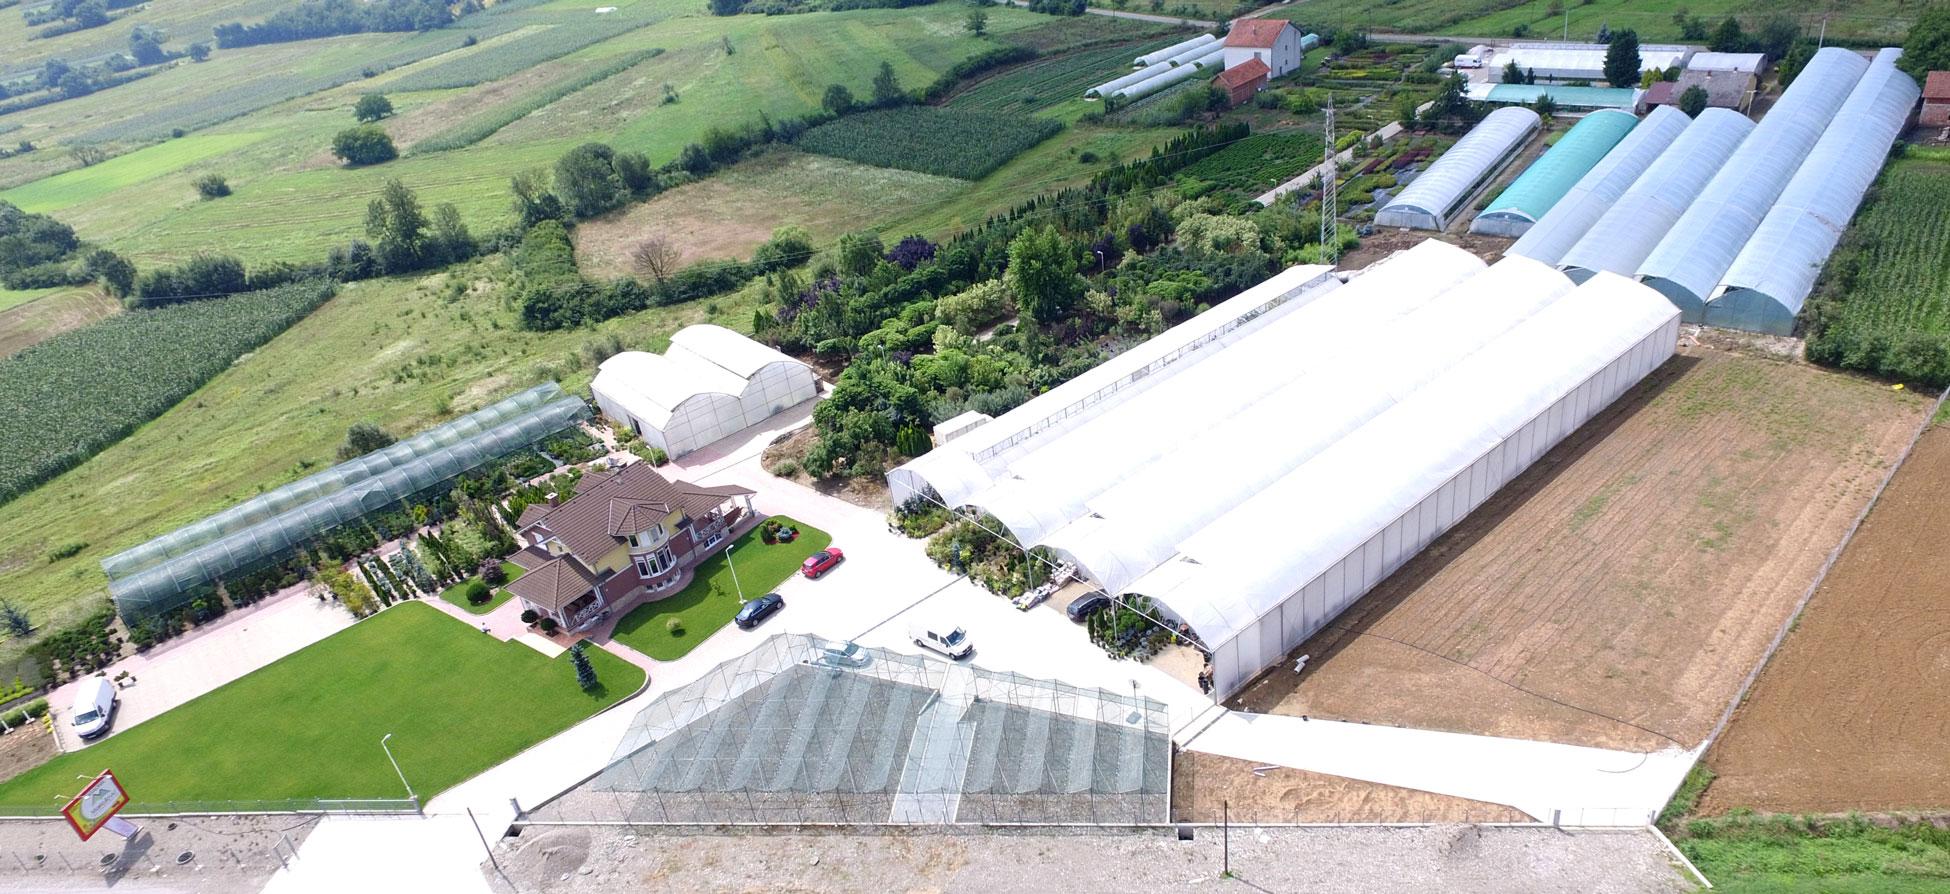 Rasadnik Manjlovic snima iz vazduha dronom.